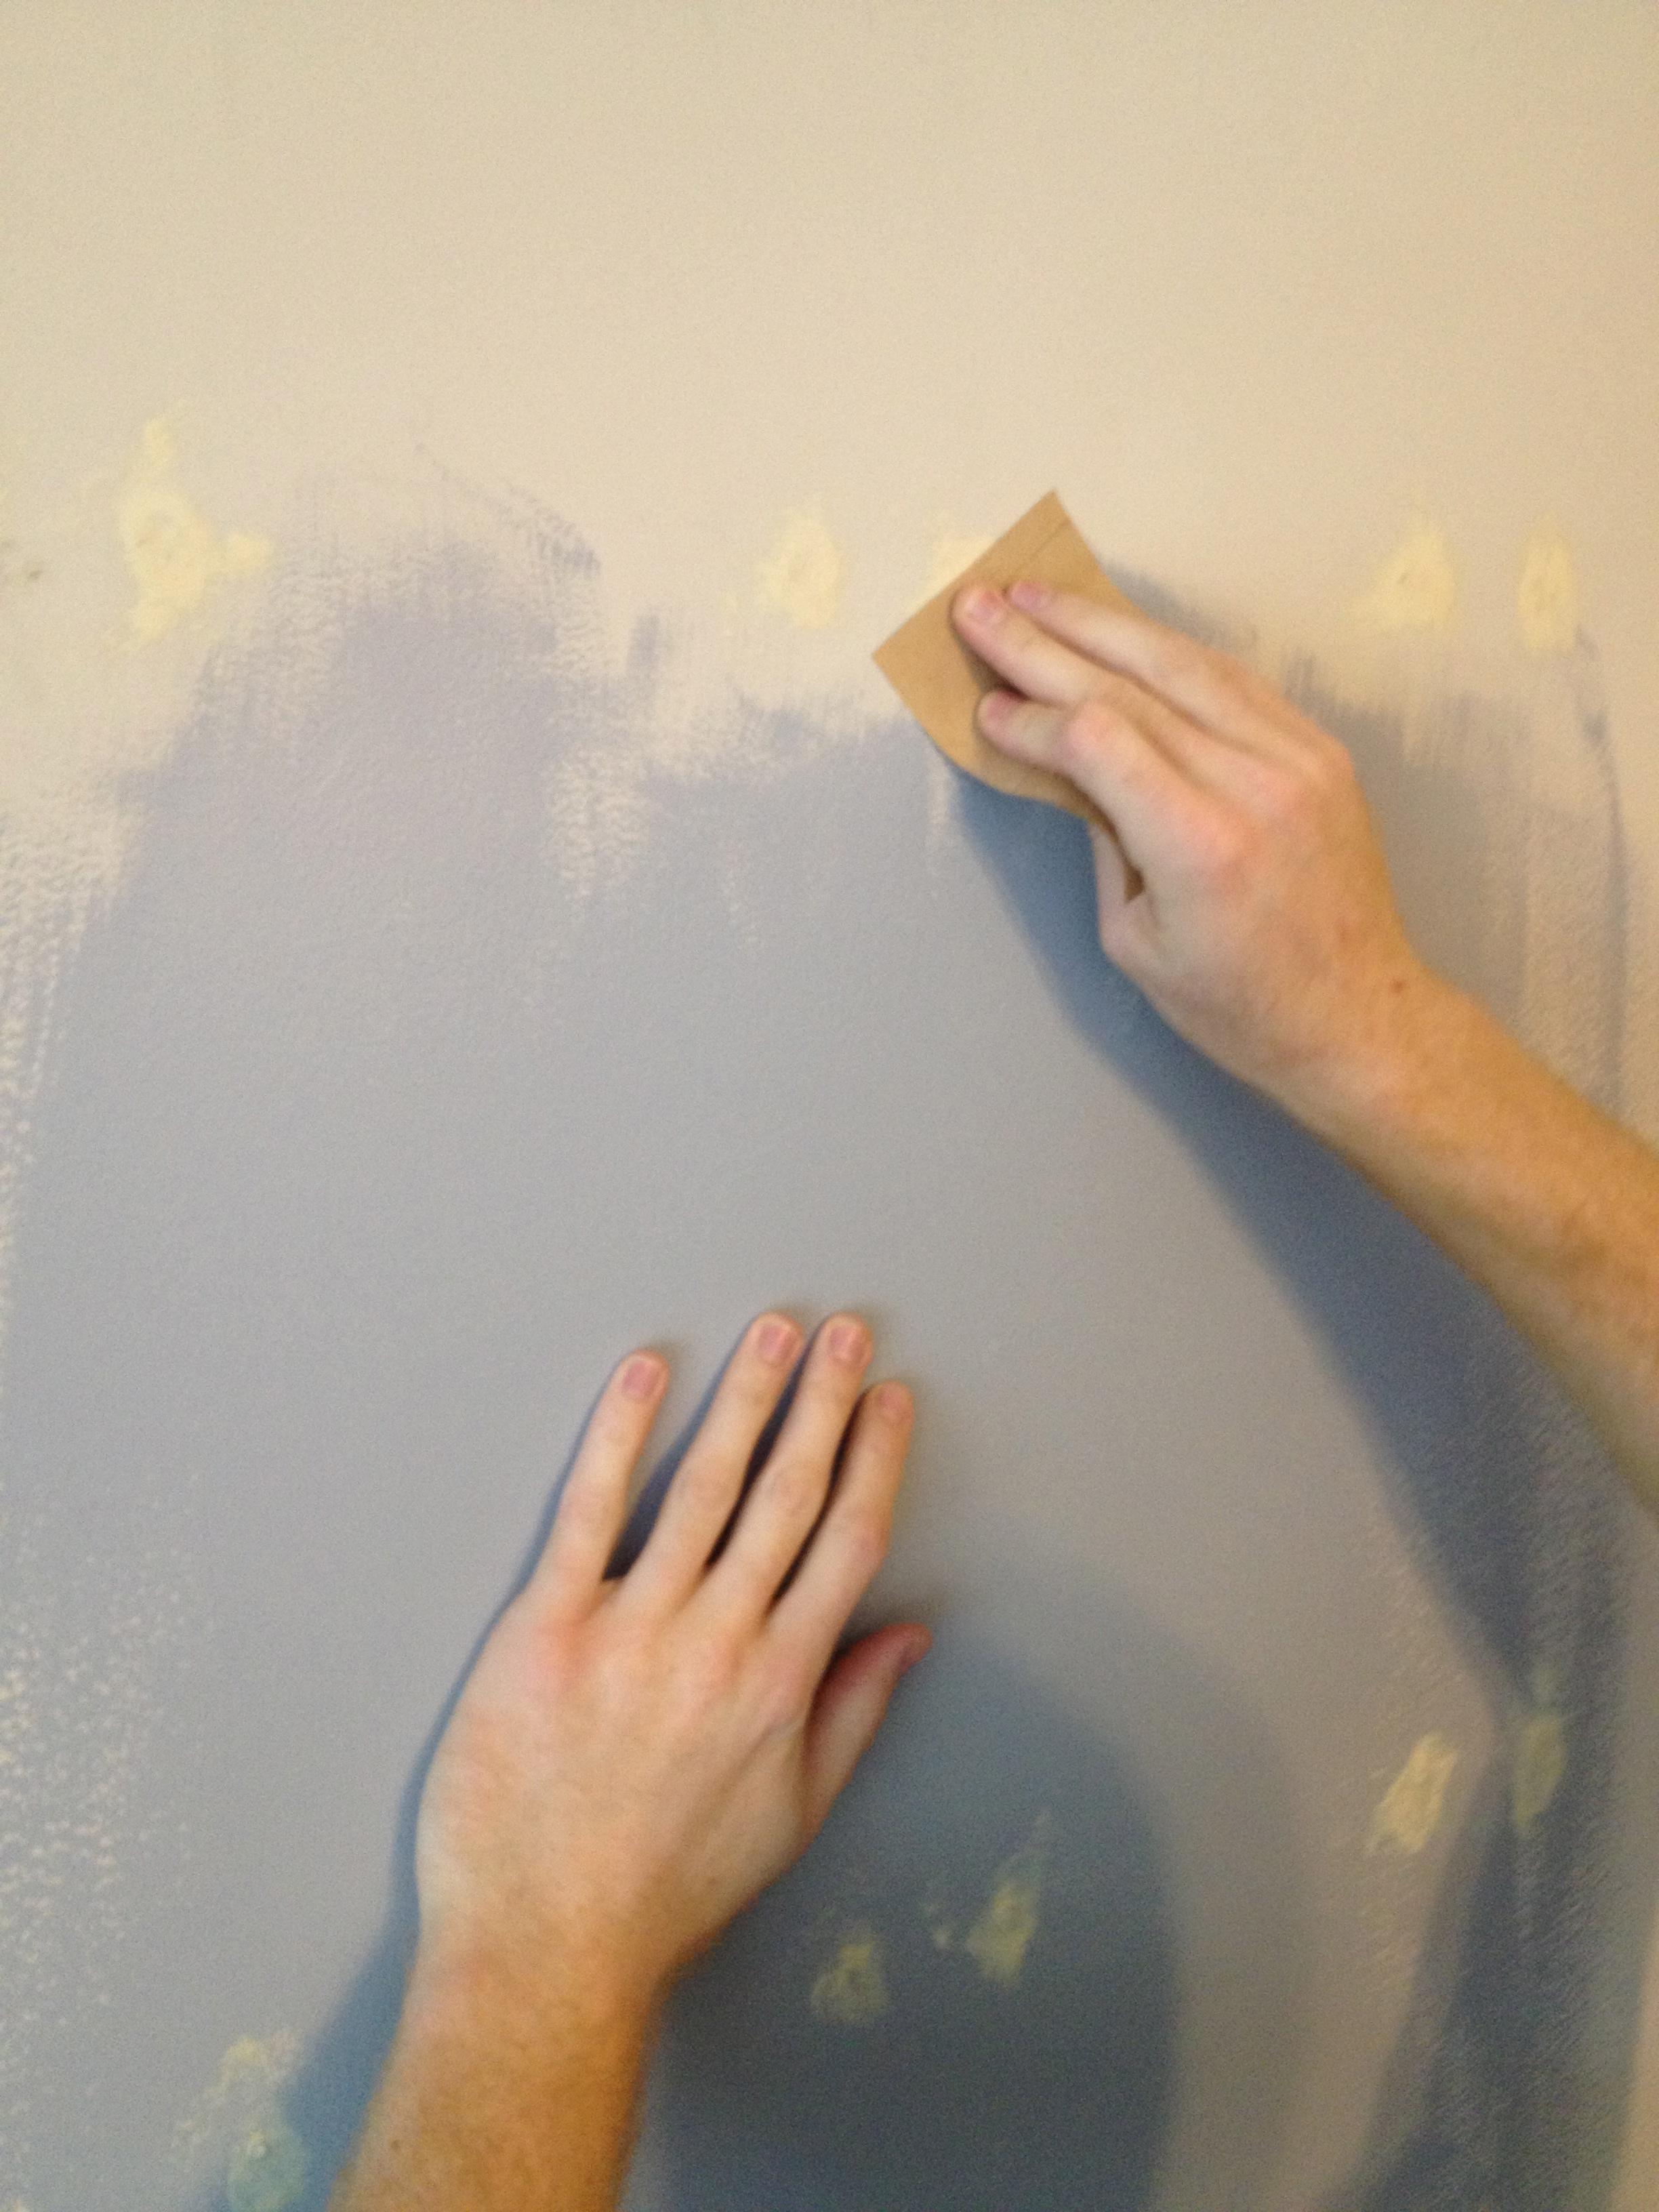 Errores clásicos en la pintura de interiores que pueden evitarse